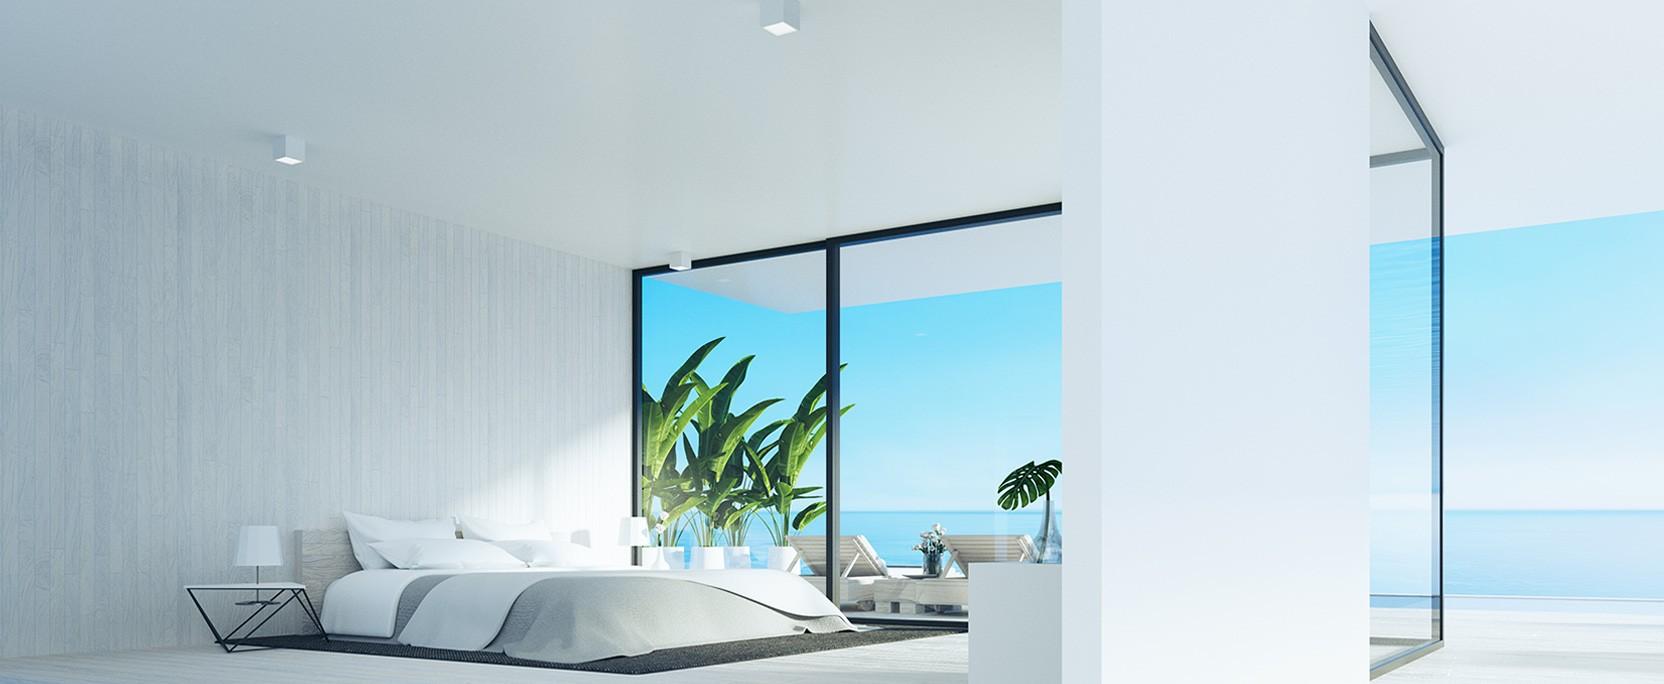 aluminium windows service